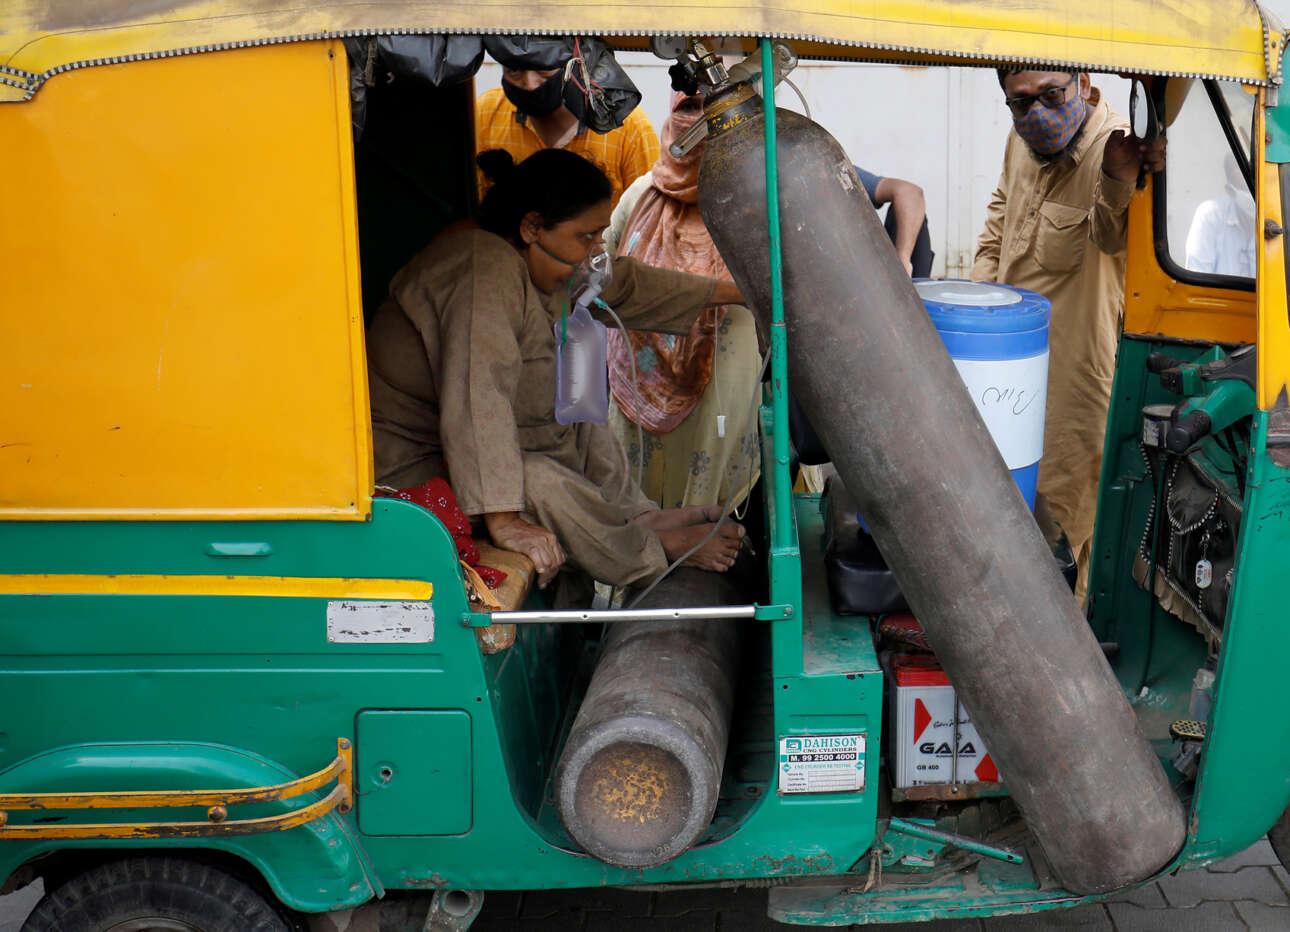 Ινδία. Φοβερές σκηνές από την πανδημία: εδώ ασθενής οξυγονώνεται σε τρίκυκλο